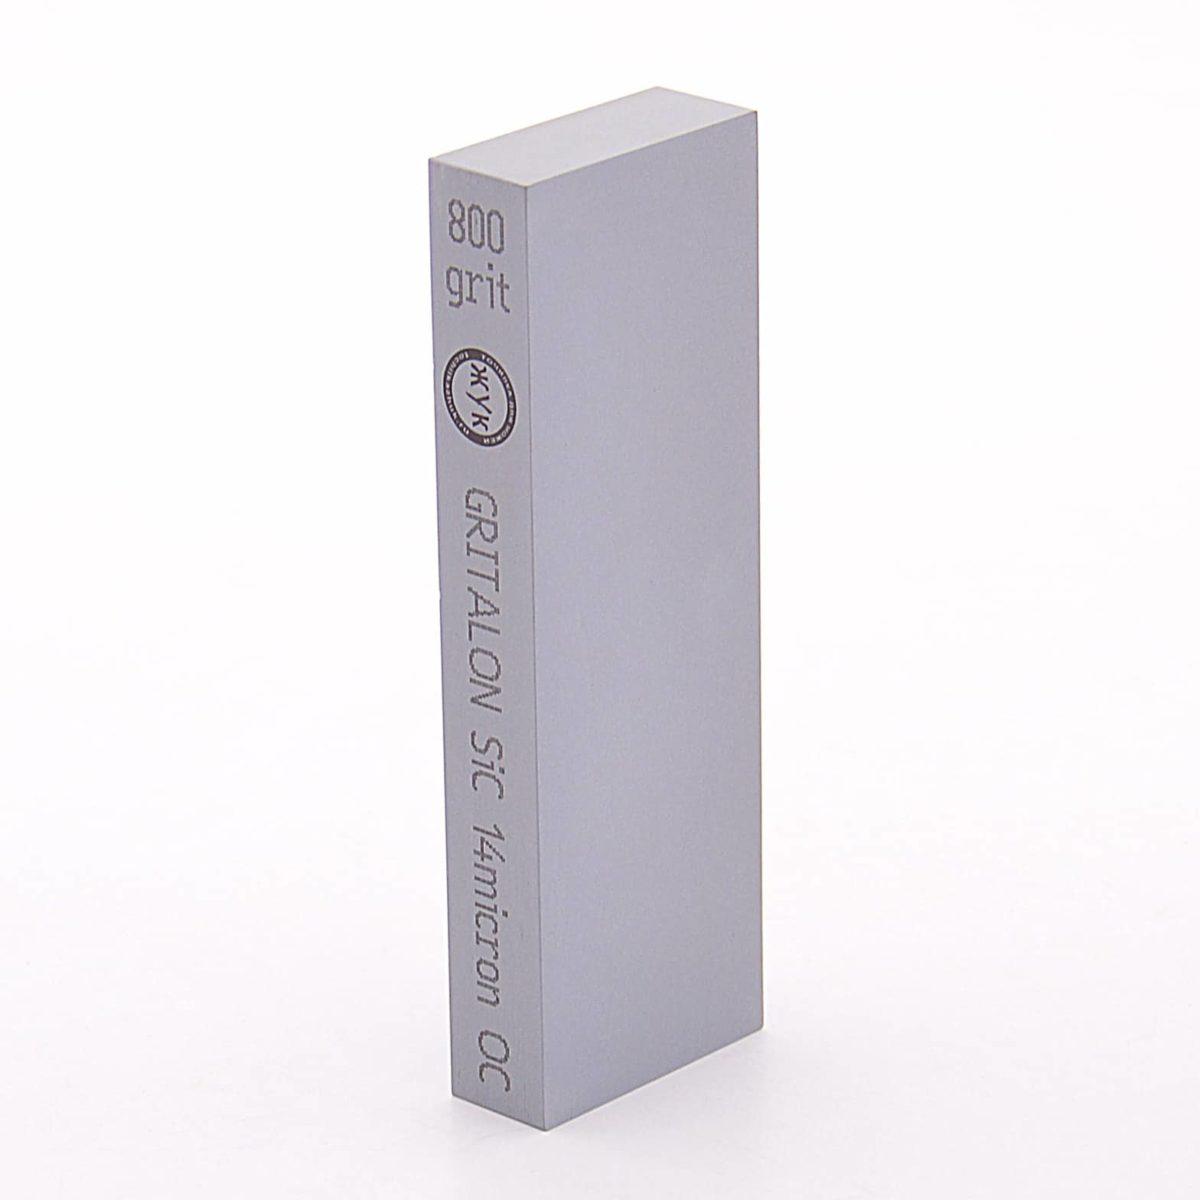 Абразивный брусок GRITALON 800 грит 150х50х20мм (KK) 2